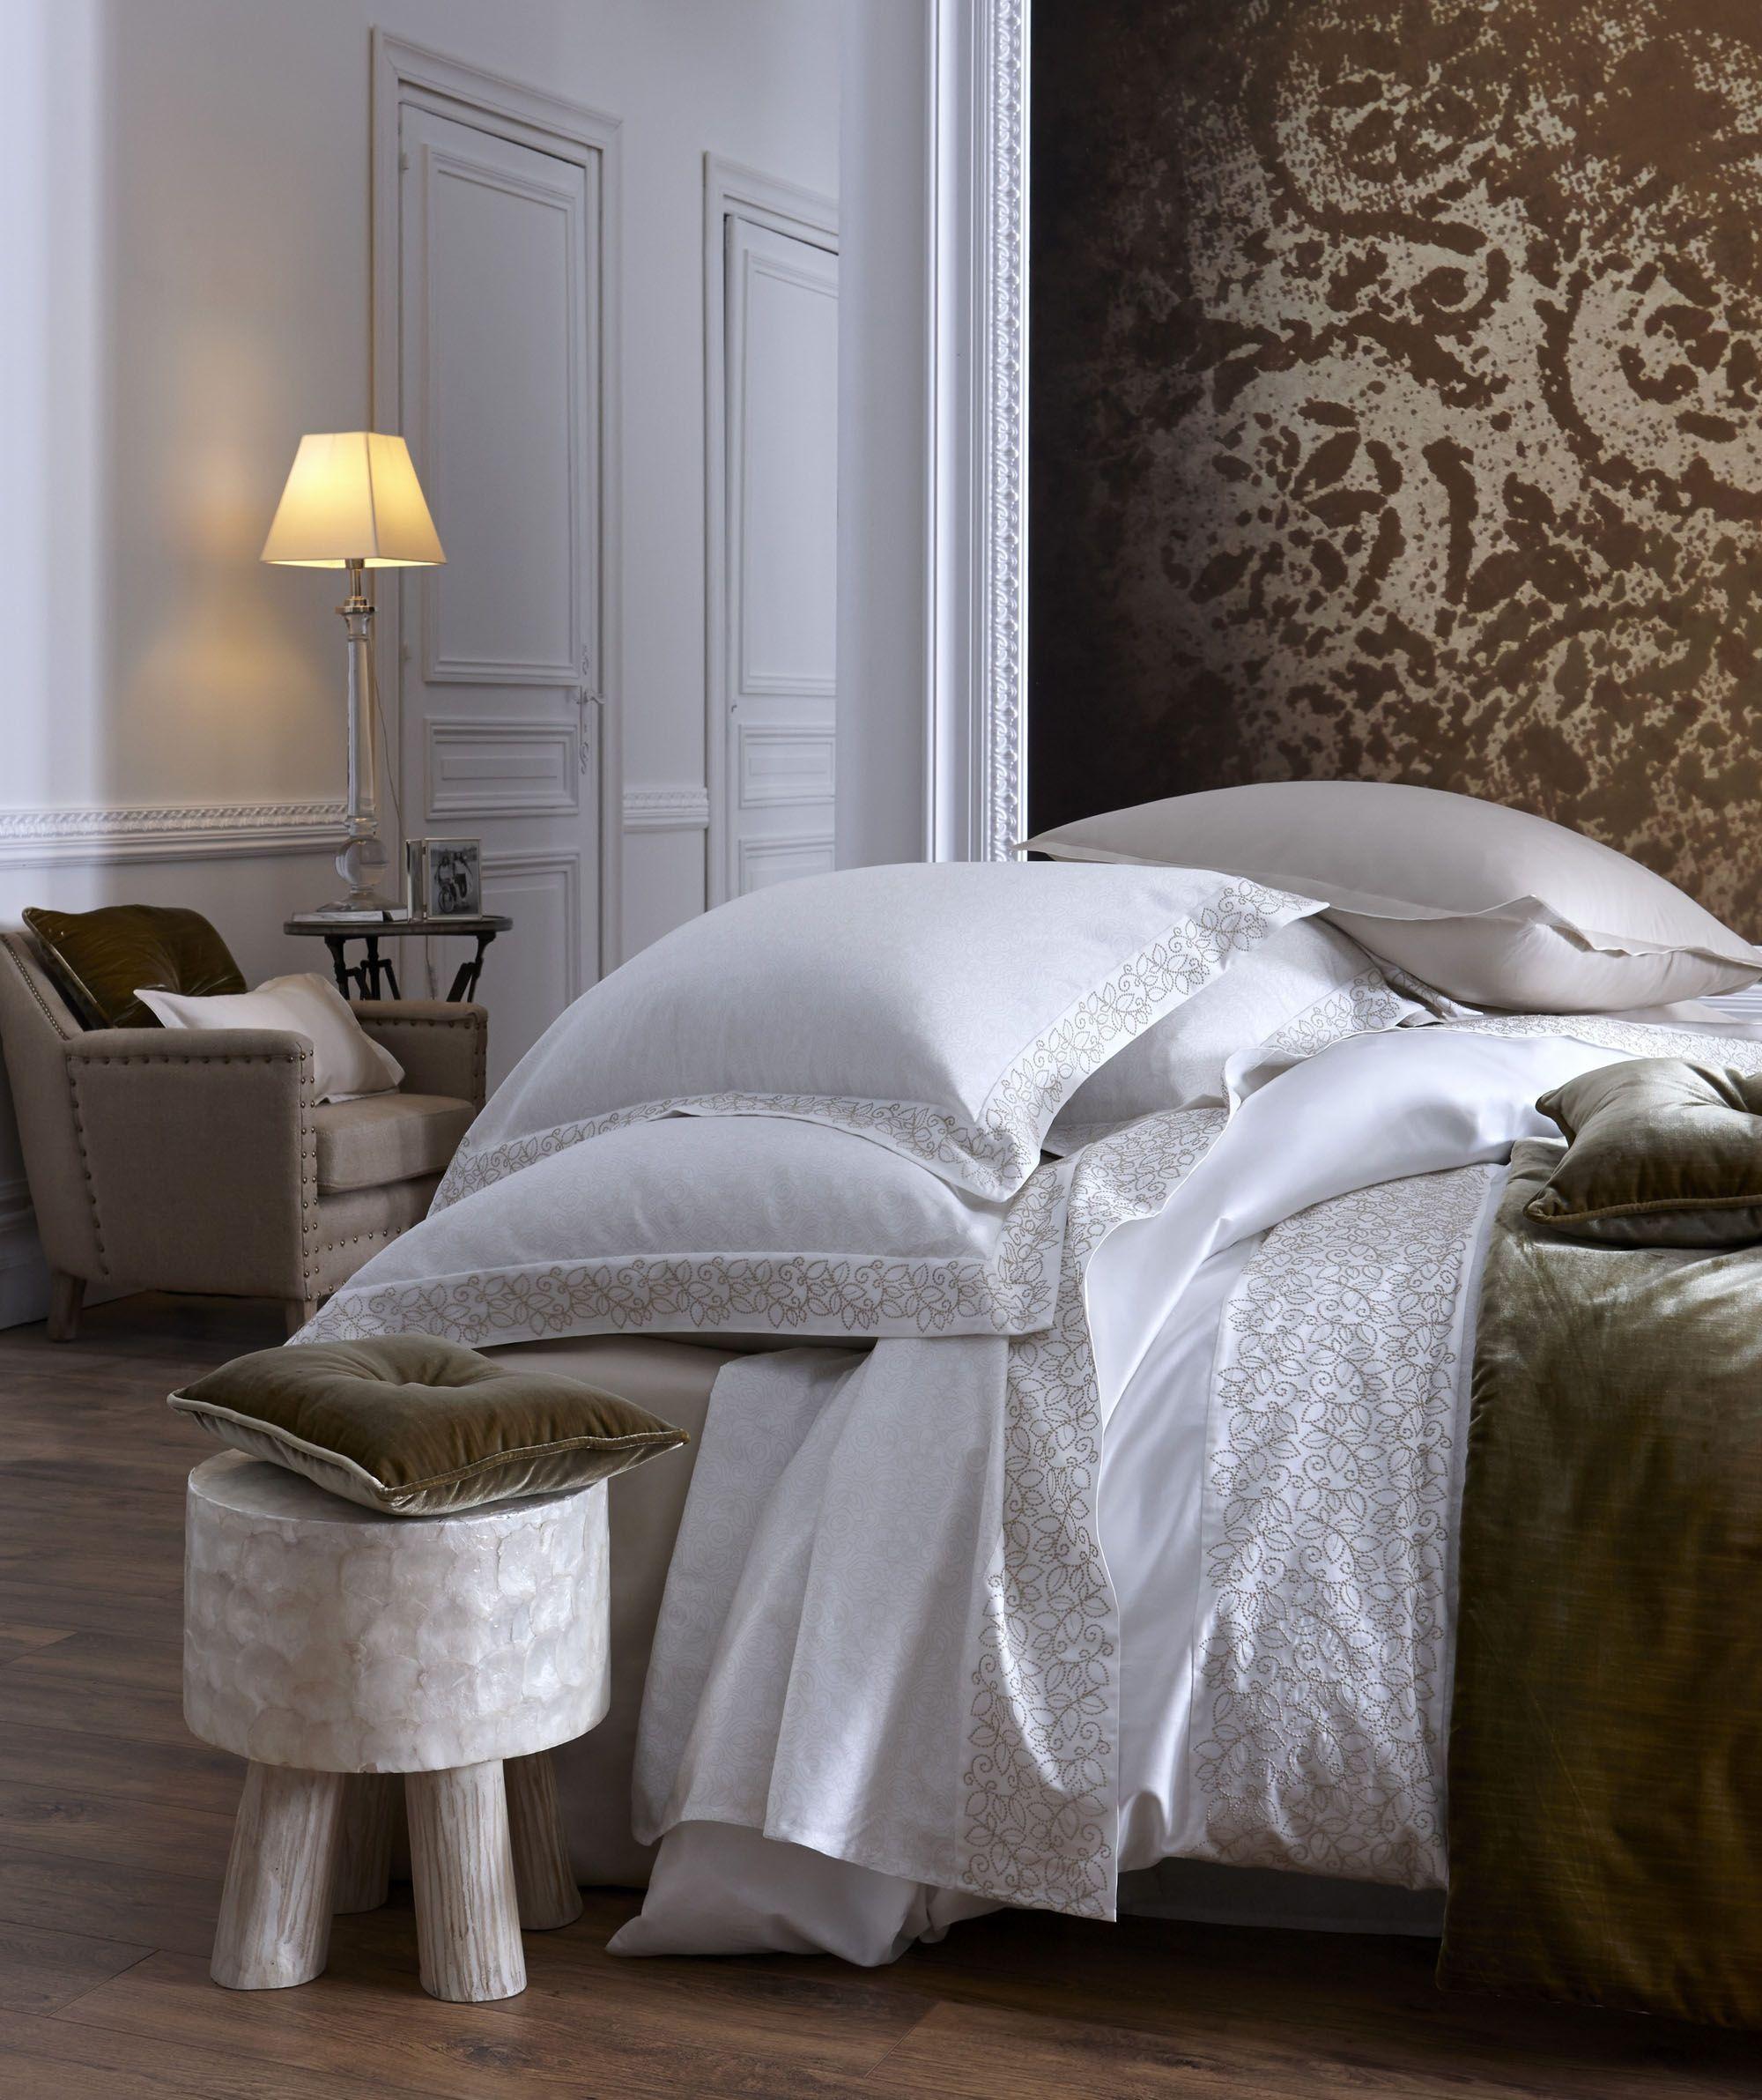 royal textile linge de lit linge de lit alexandre turpault palais royal teo hermine. (2000  royal textile linge de lit